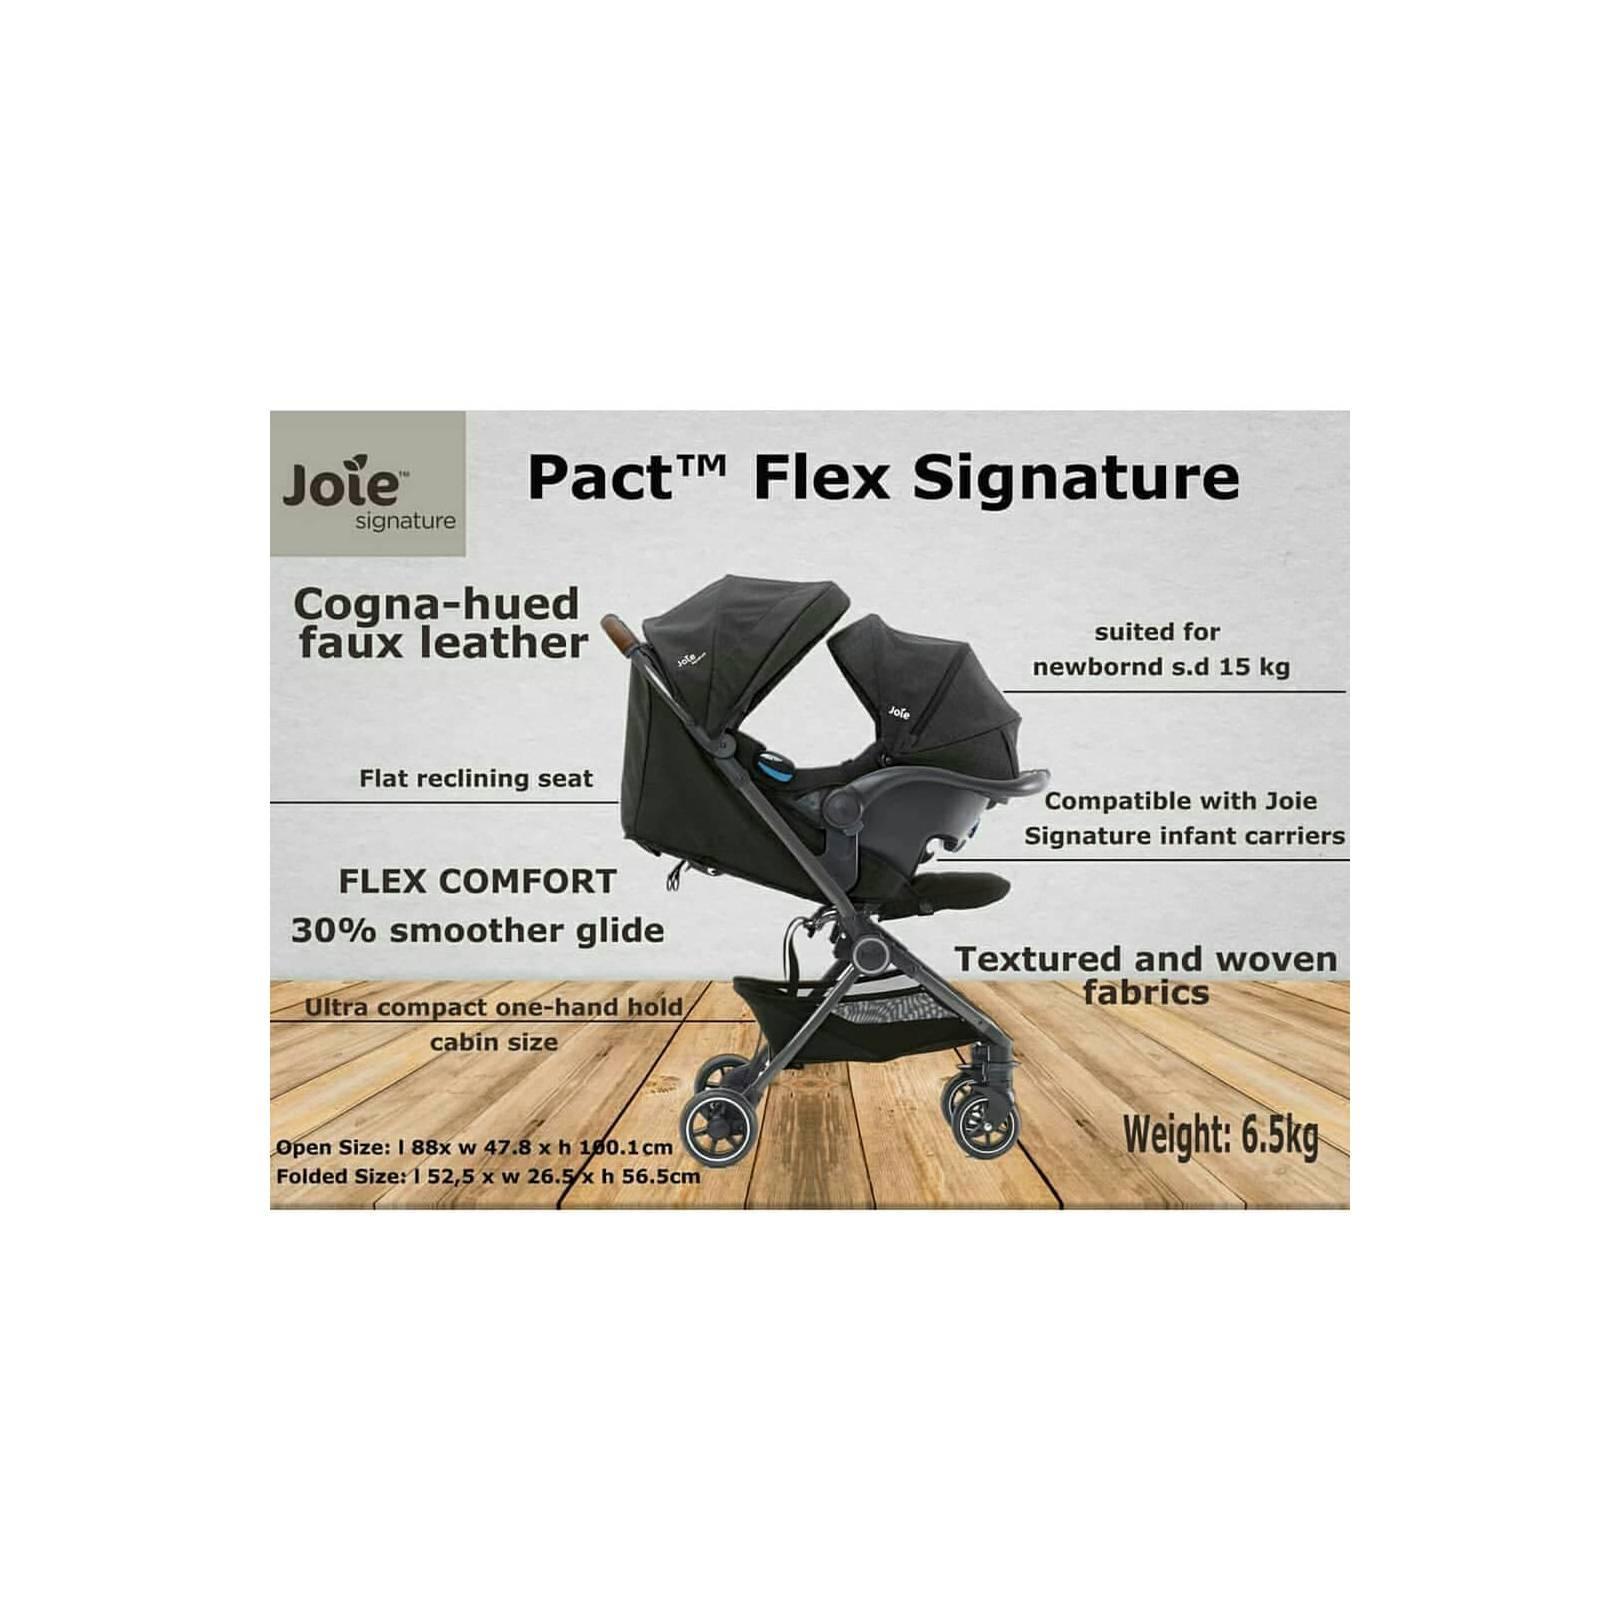 Joie Pact Flex Signature *STROLLER ONLY I-Gemm dijual TERPISAH